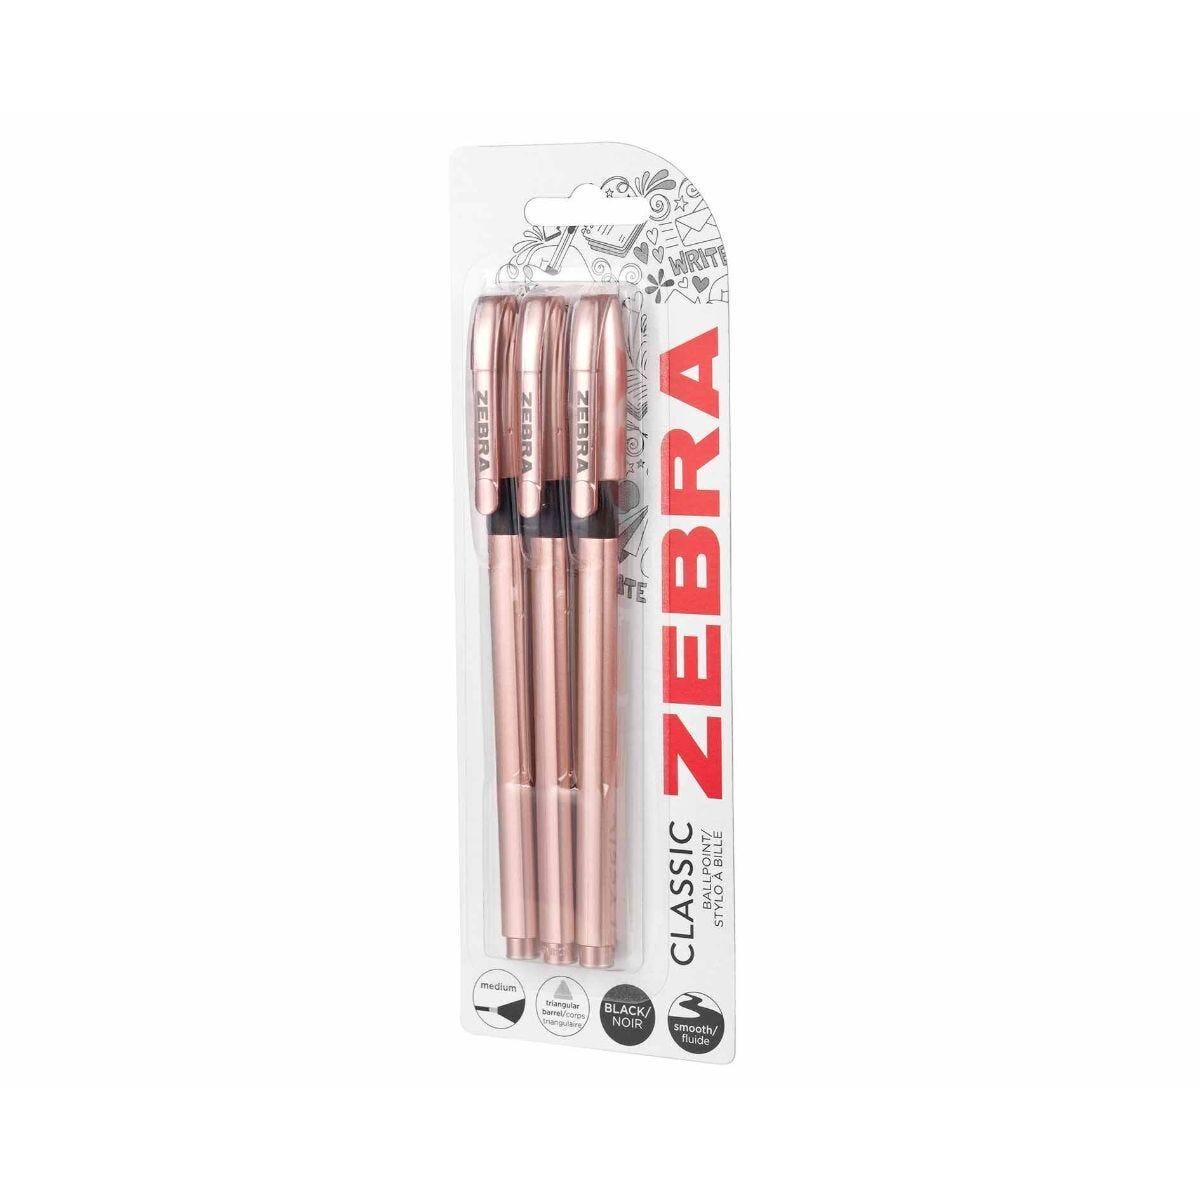 Zebra Ballpen Rose Gold Pack of 3